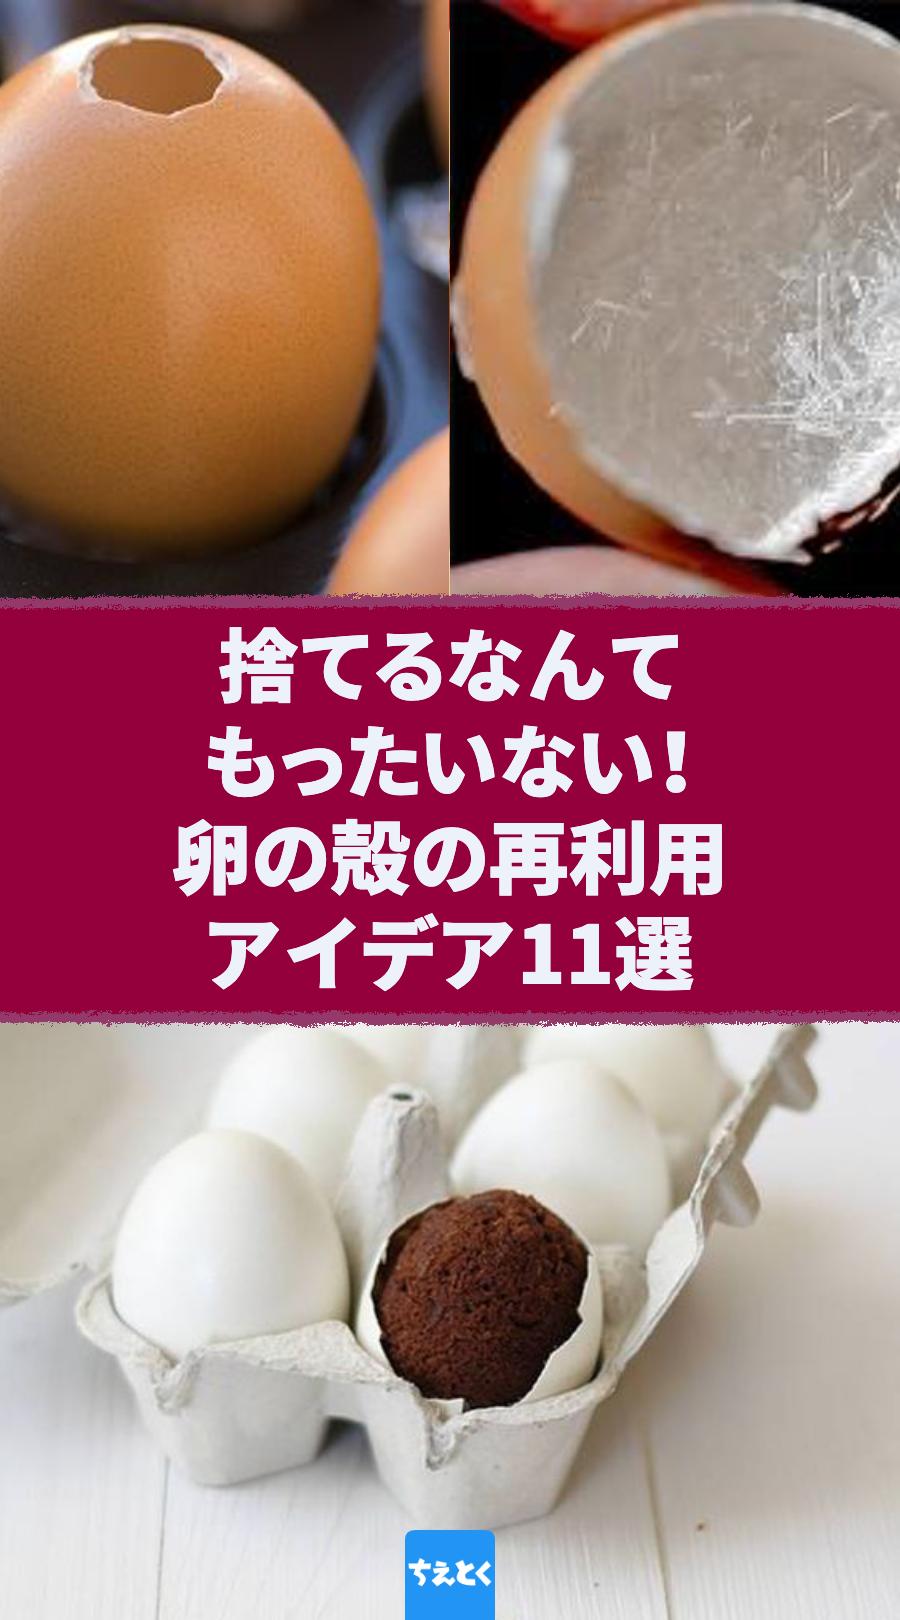 の 肥料 卵 殻